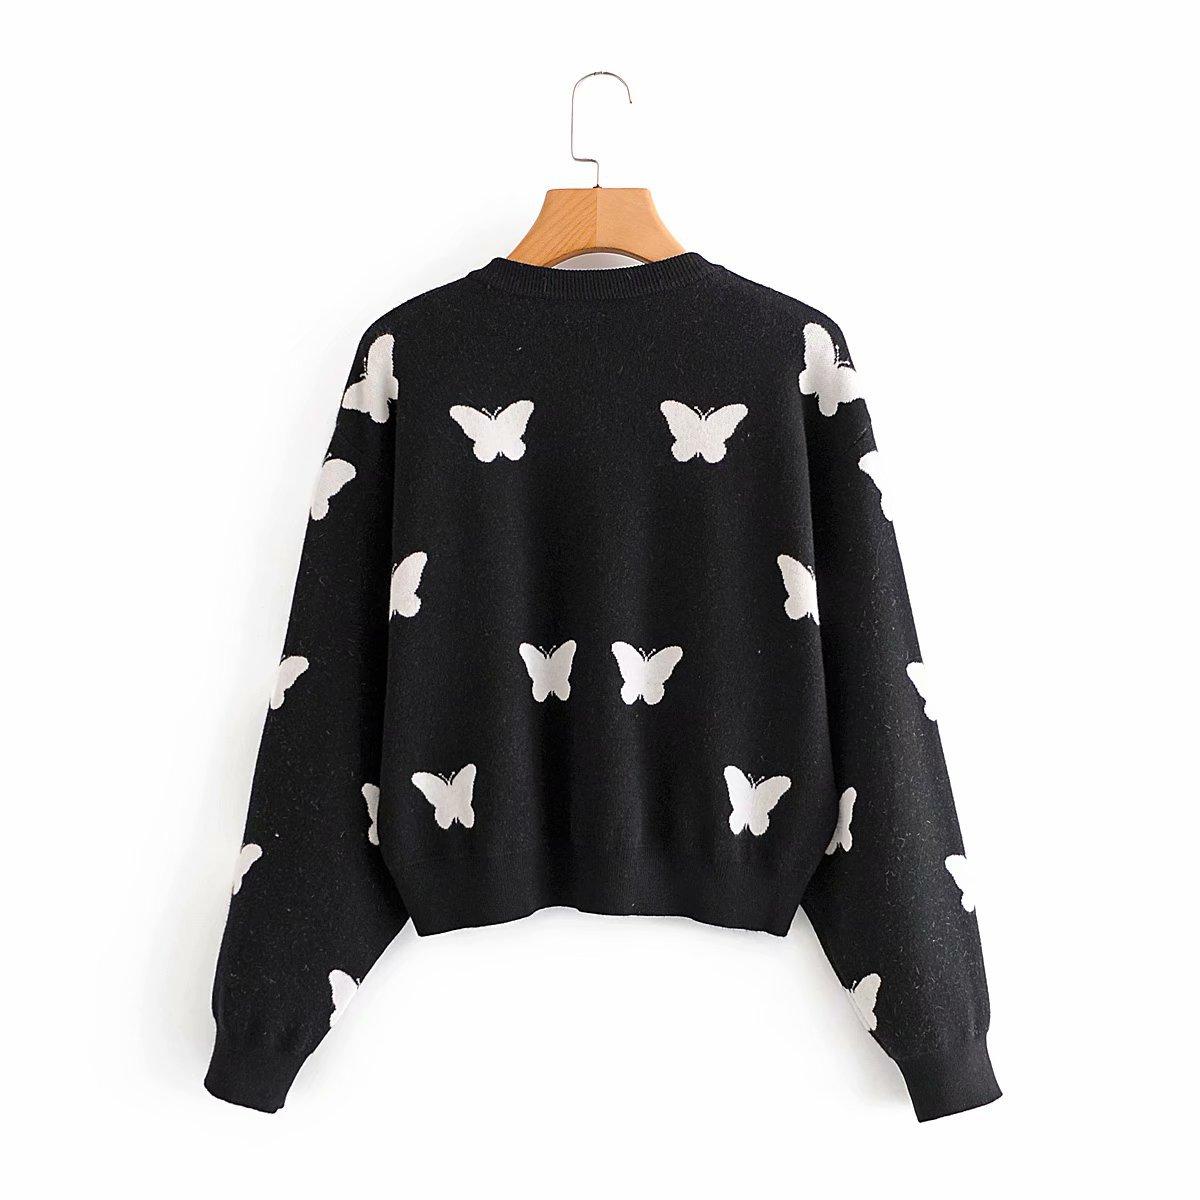 Summer Butterfly Sweater Women's Knit Cardigan Jacket wholesale nihaojewelry NHAM239135